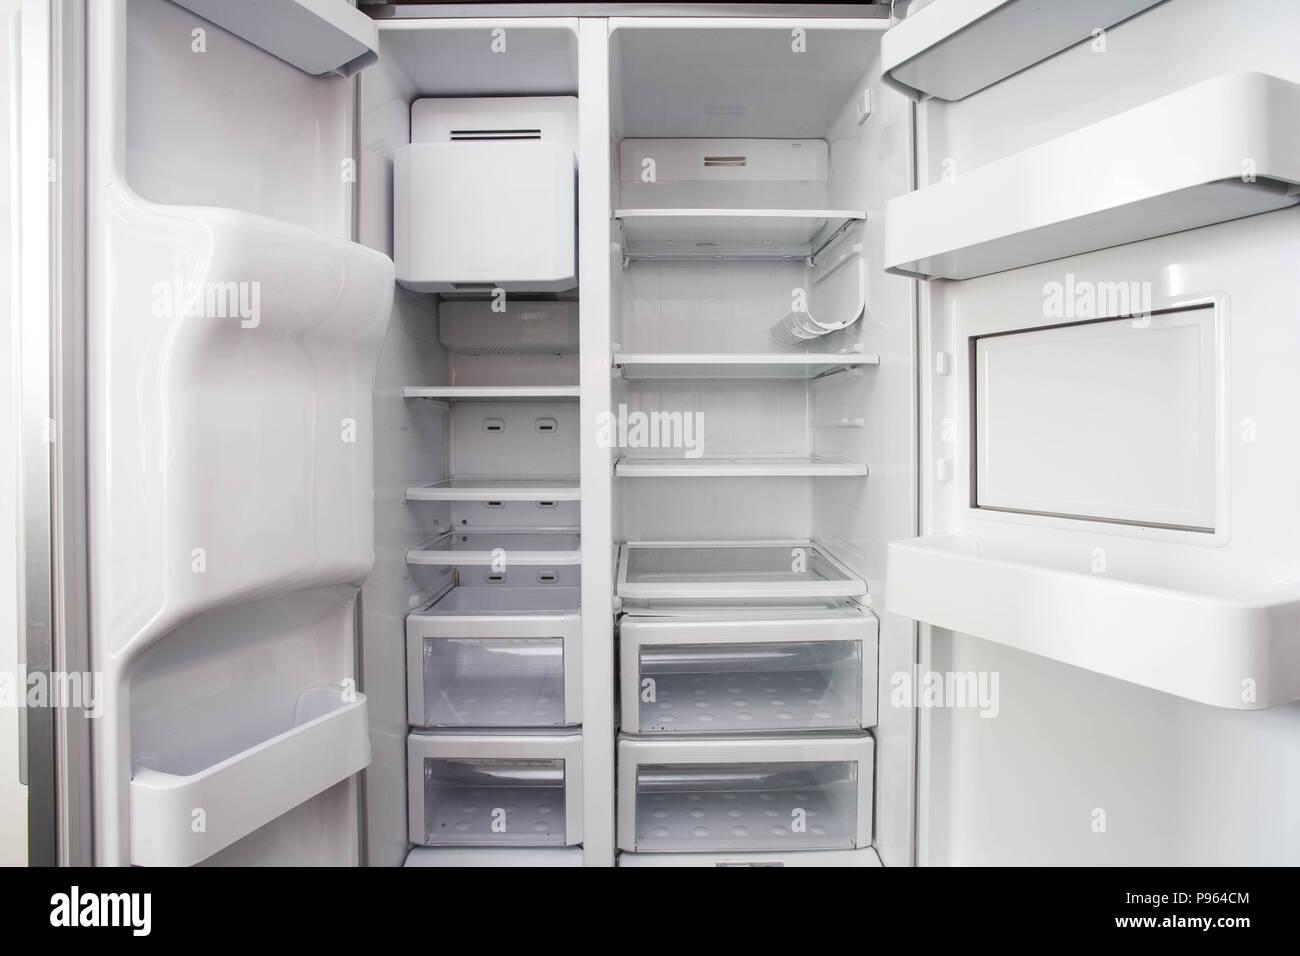 Amerikanischer Kühlschrank Flach : Weißer kühlschrank stockfotos & weißer kühlschrank bilder alamy